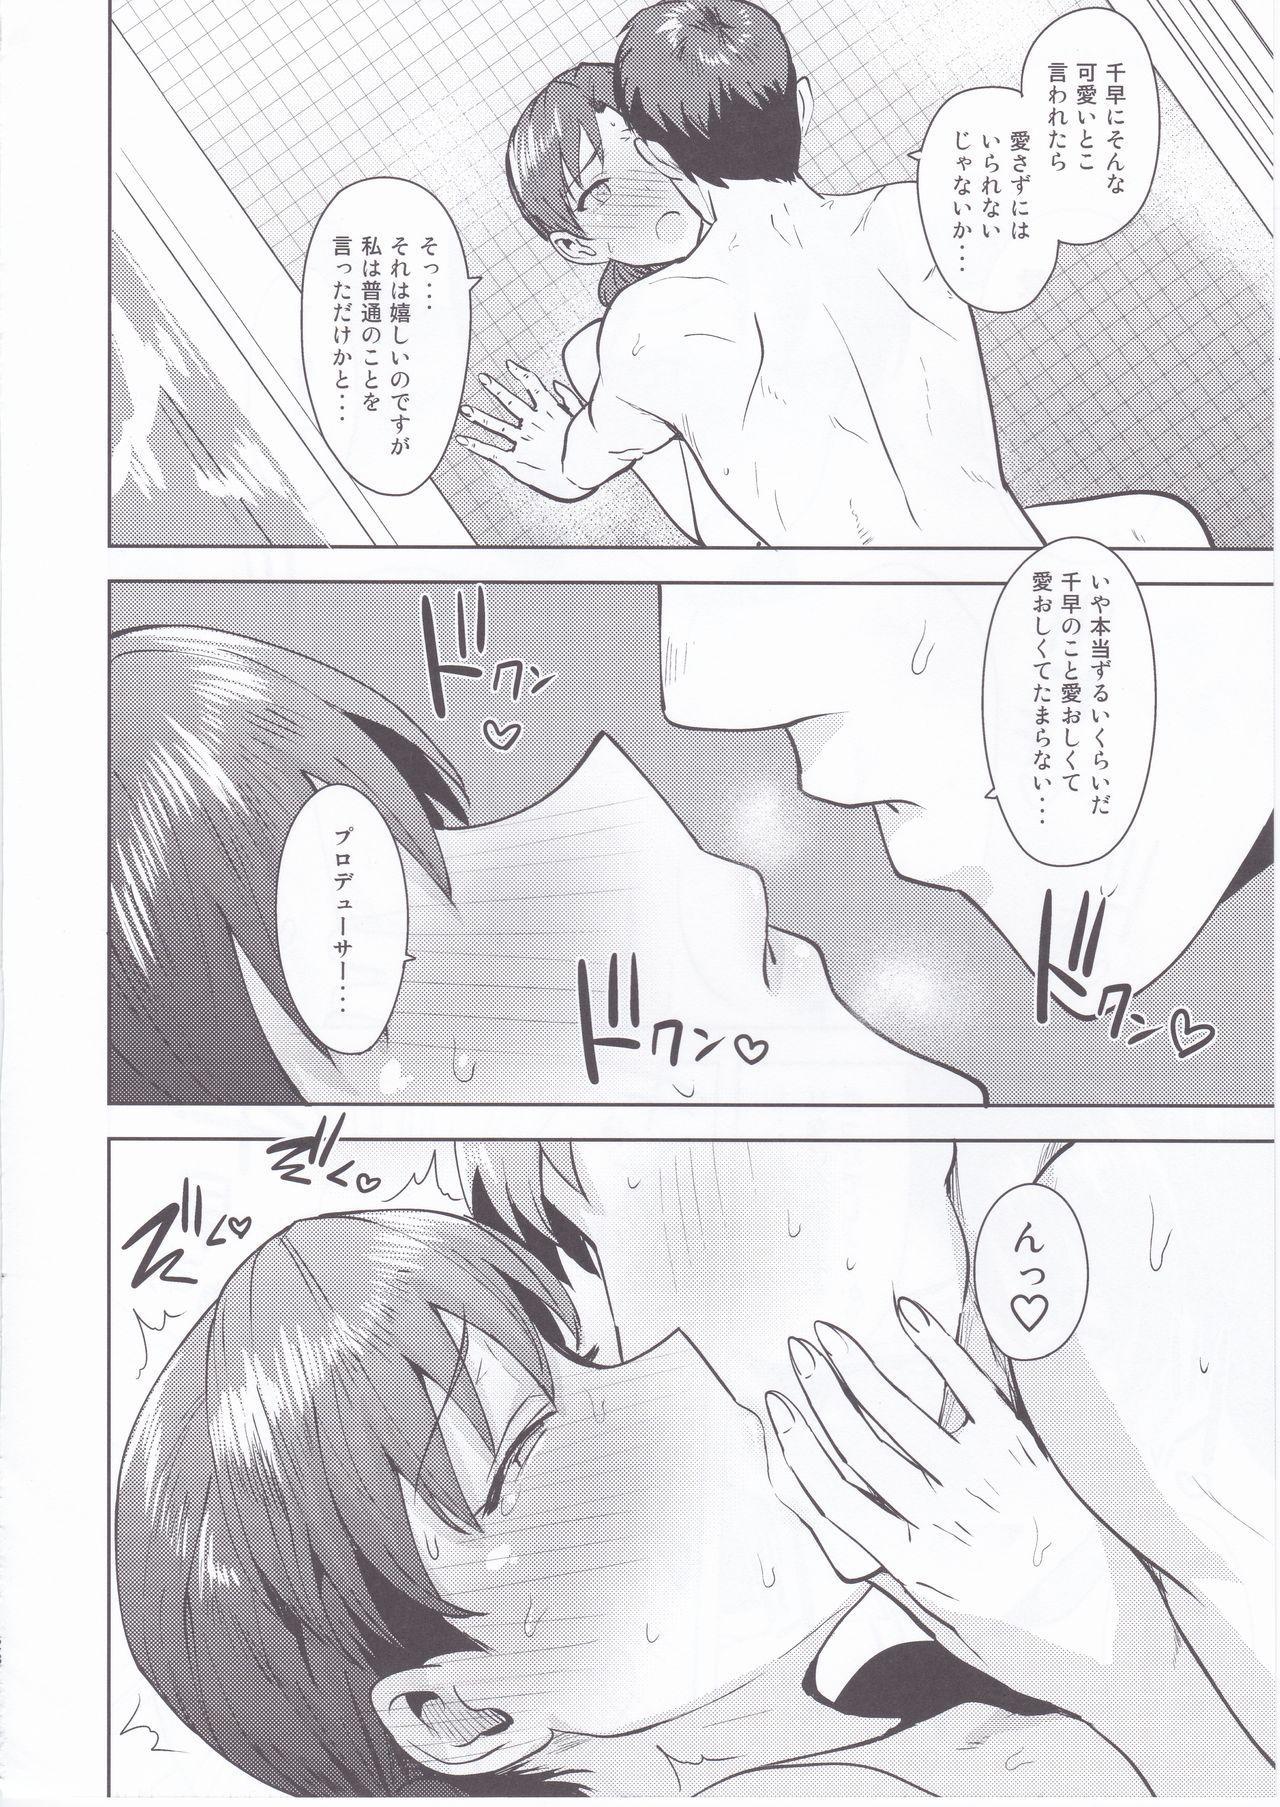 Chihaya to Ofuro 27